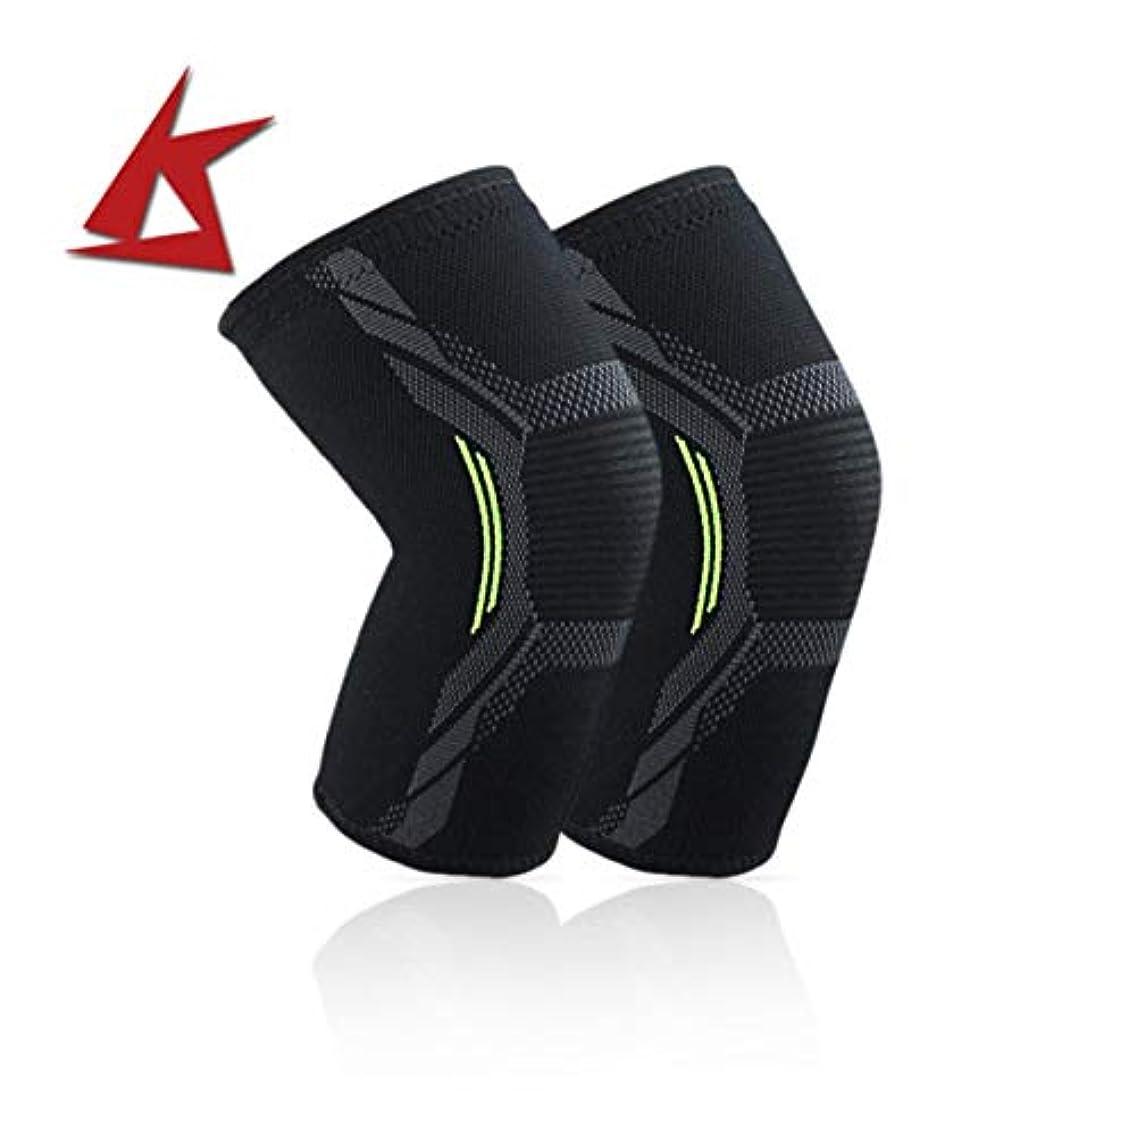 復活名誉歯ニット膝パッド耐久性のあるナイロン膝ブレーススポーツ保護パッド超薄型膝サポート安全膝パッド - ブラックL